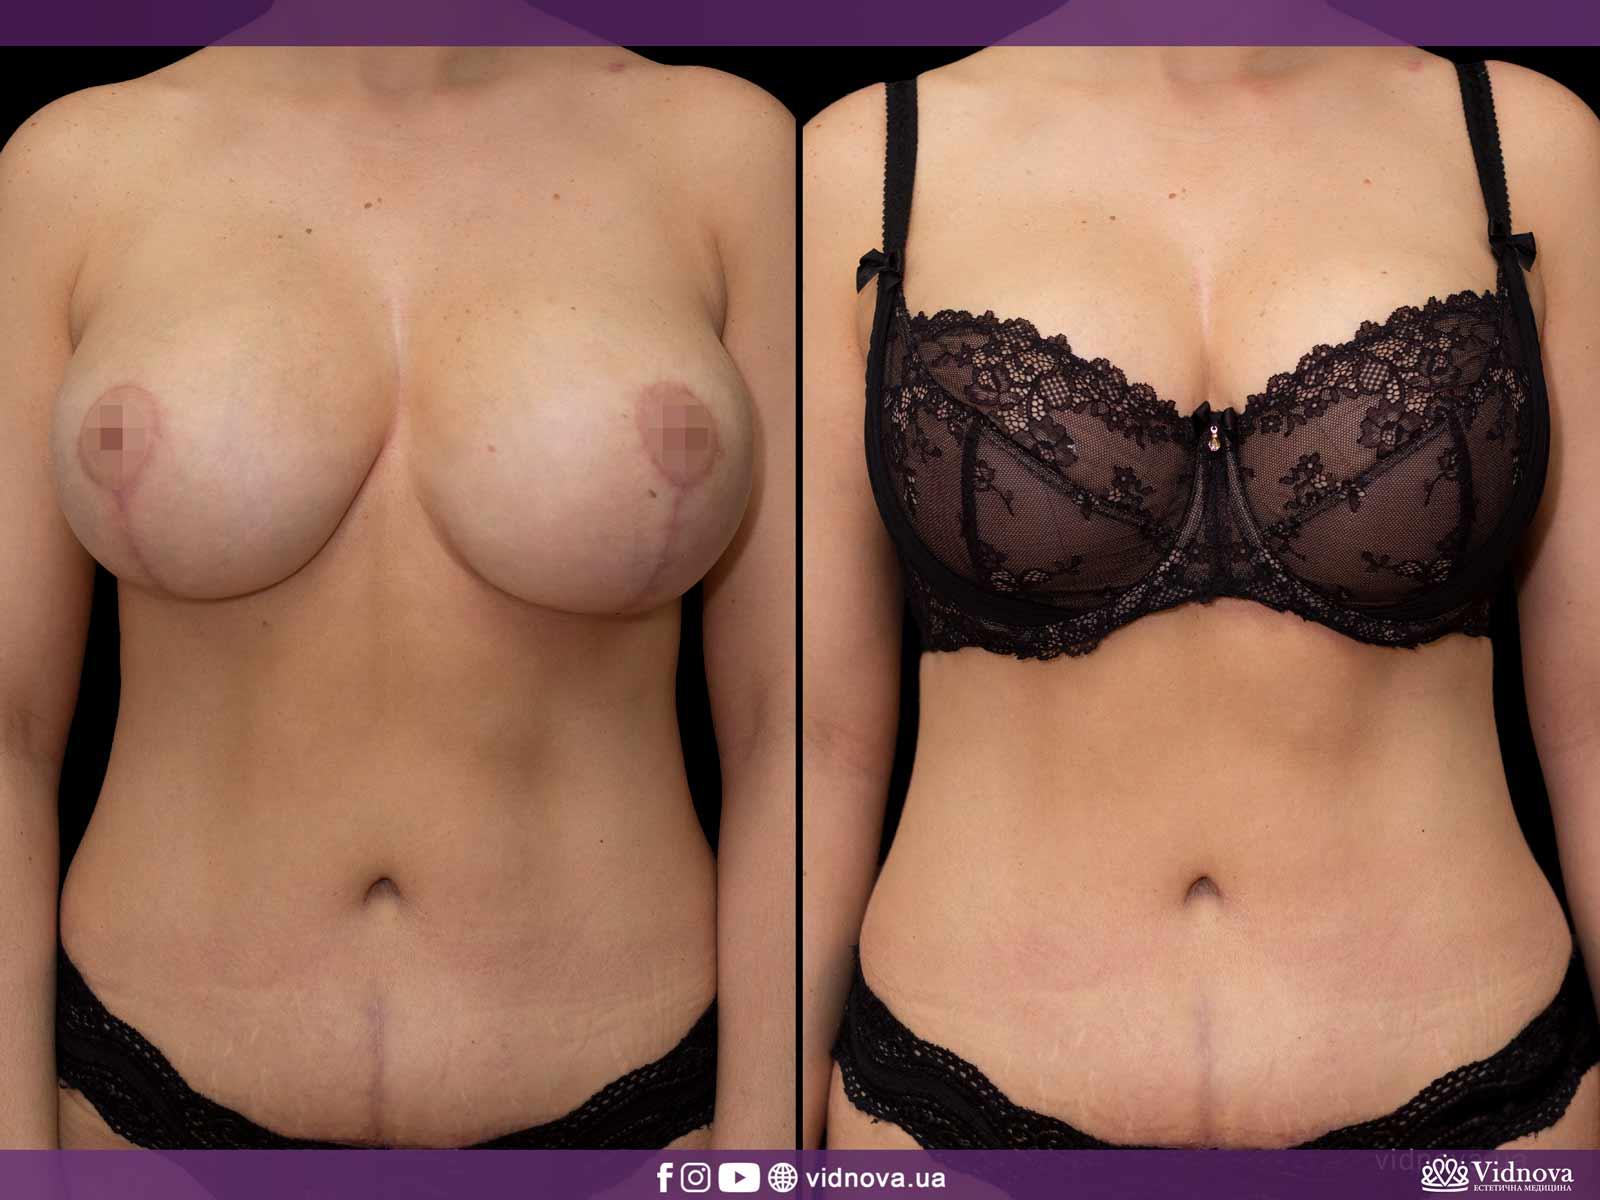 Совмещенные операции: Фото До и После - Пример №3-5 - Клиника Vidnova